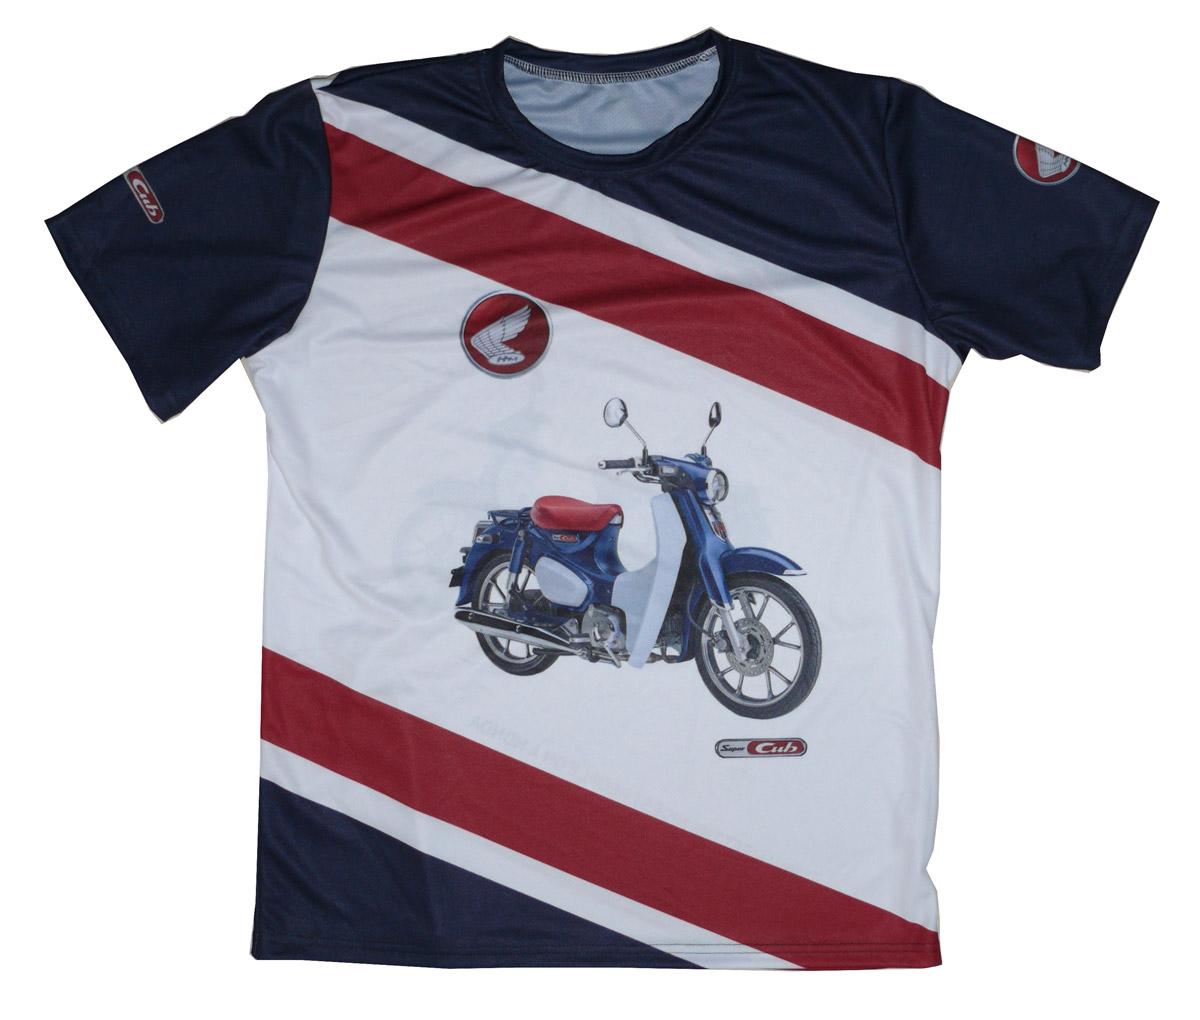 Honda c125 Super Cub 2018 2019 historia scooter camiseta